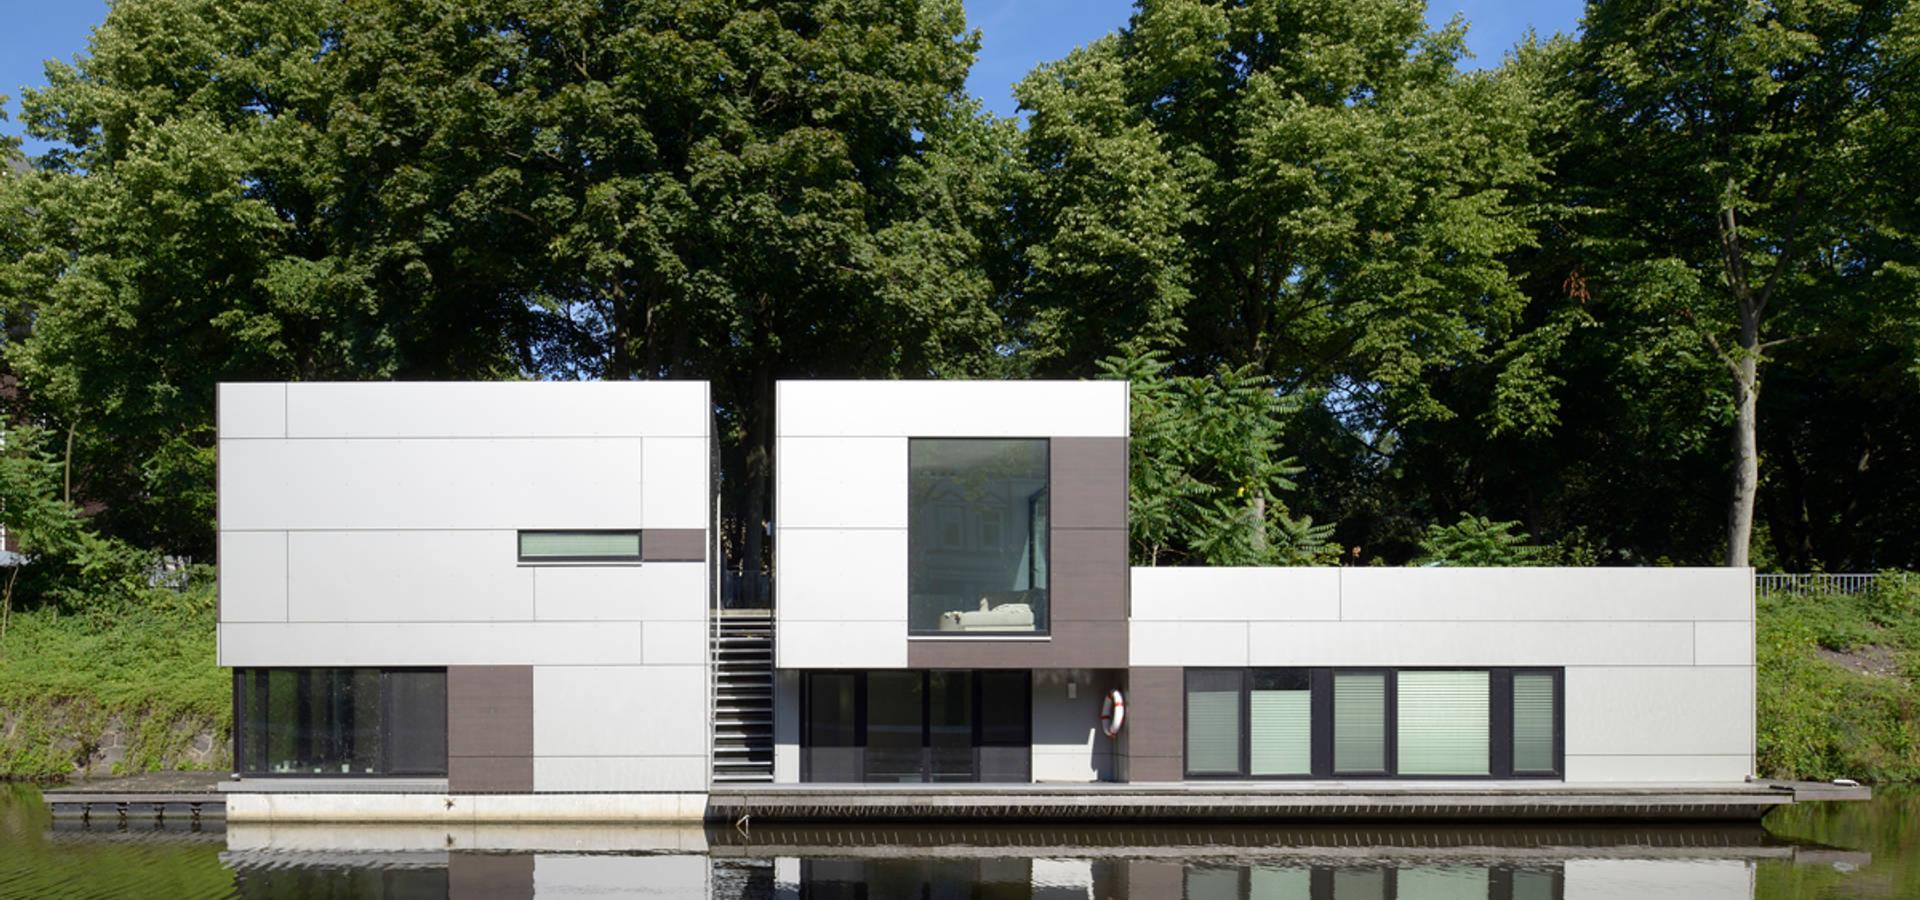 hausboot am eilbekkanal hamburg von dfz architekten homify. Black Bedroom Furniture Sets. Home Design Ideas